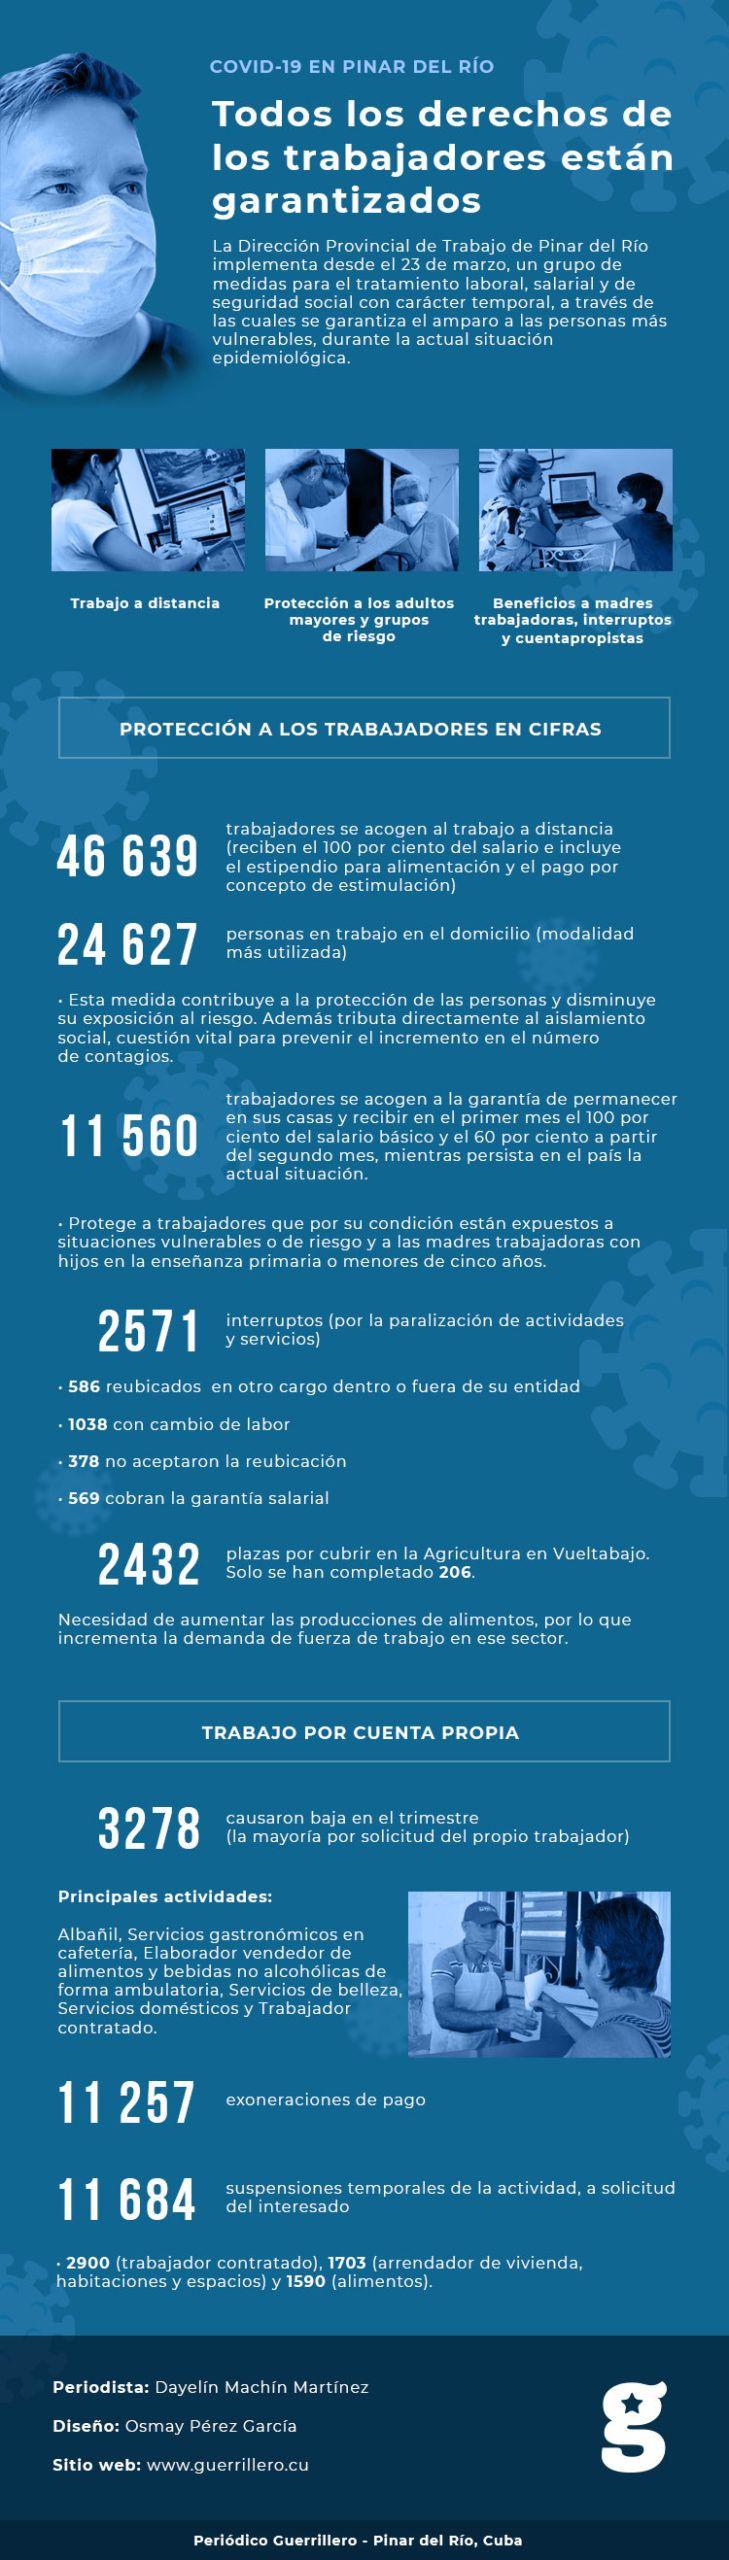 Infografía: Covid19 en Pinar del Río, todos los derechos de los trabajadores están garantizados